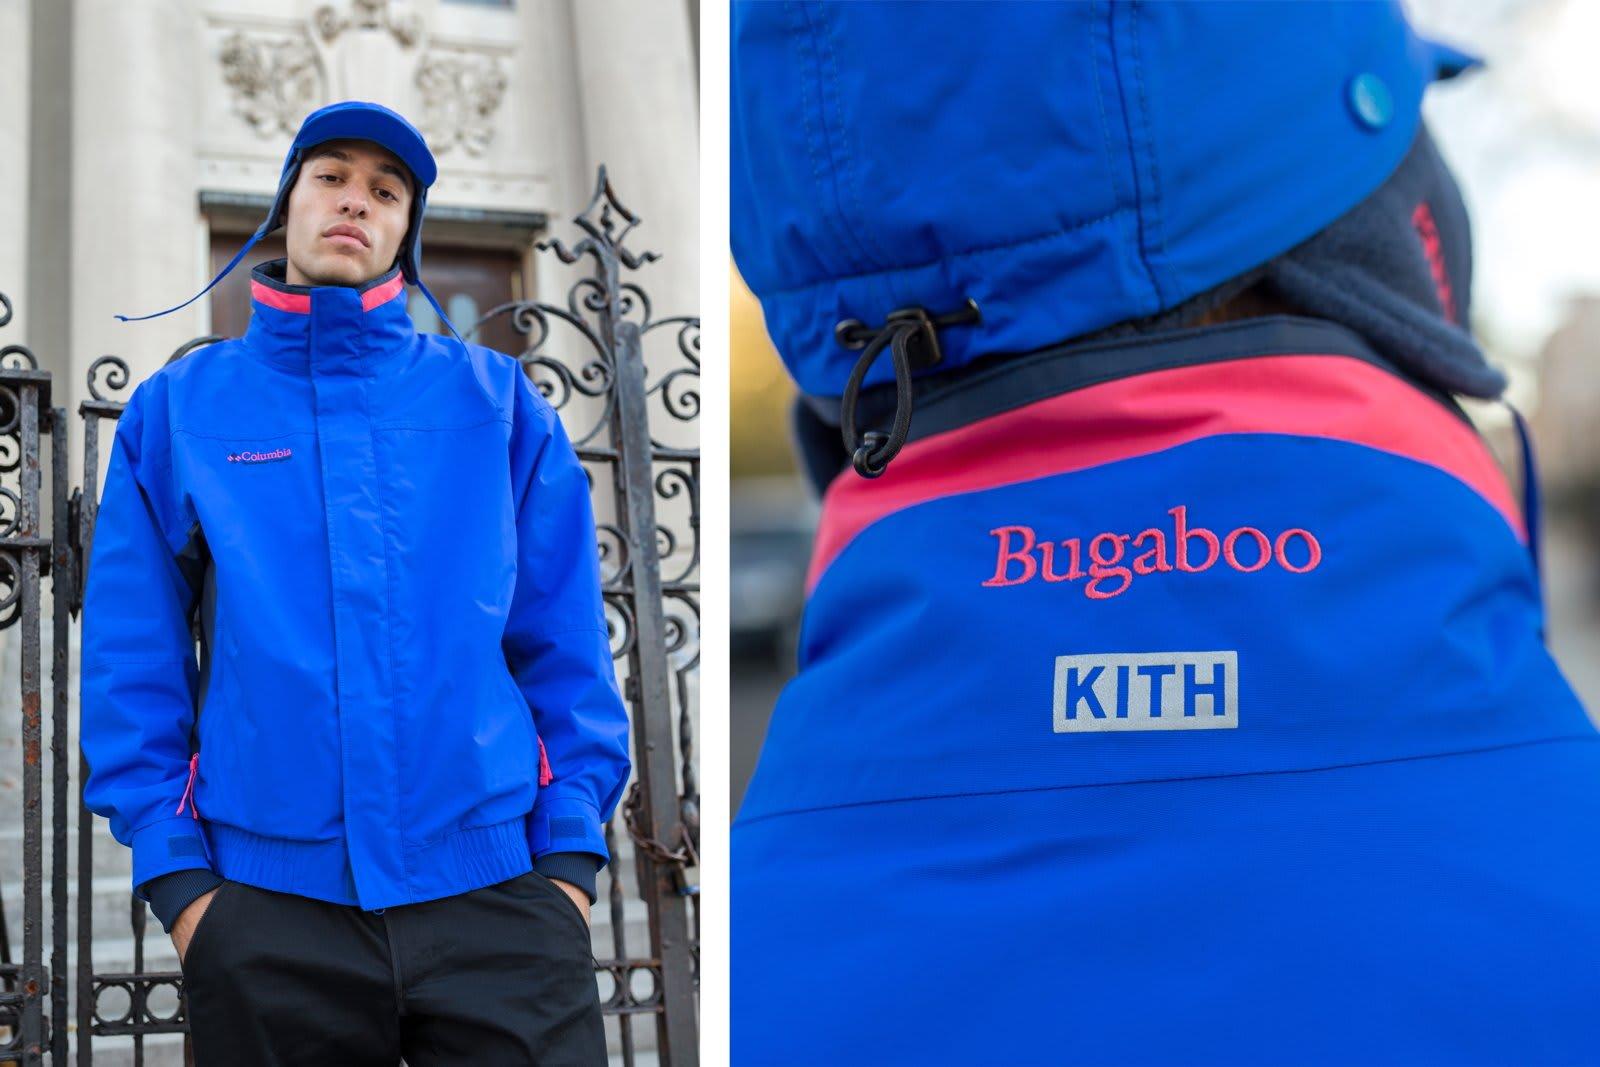 Kith Columbia Sportswear Bugaboo